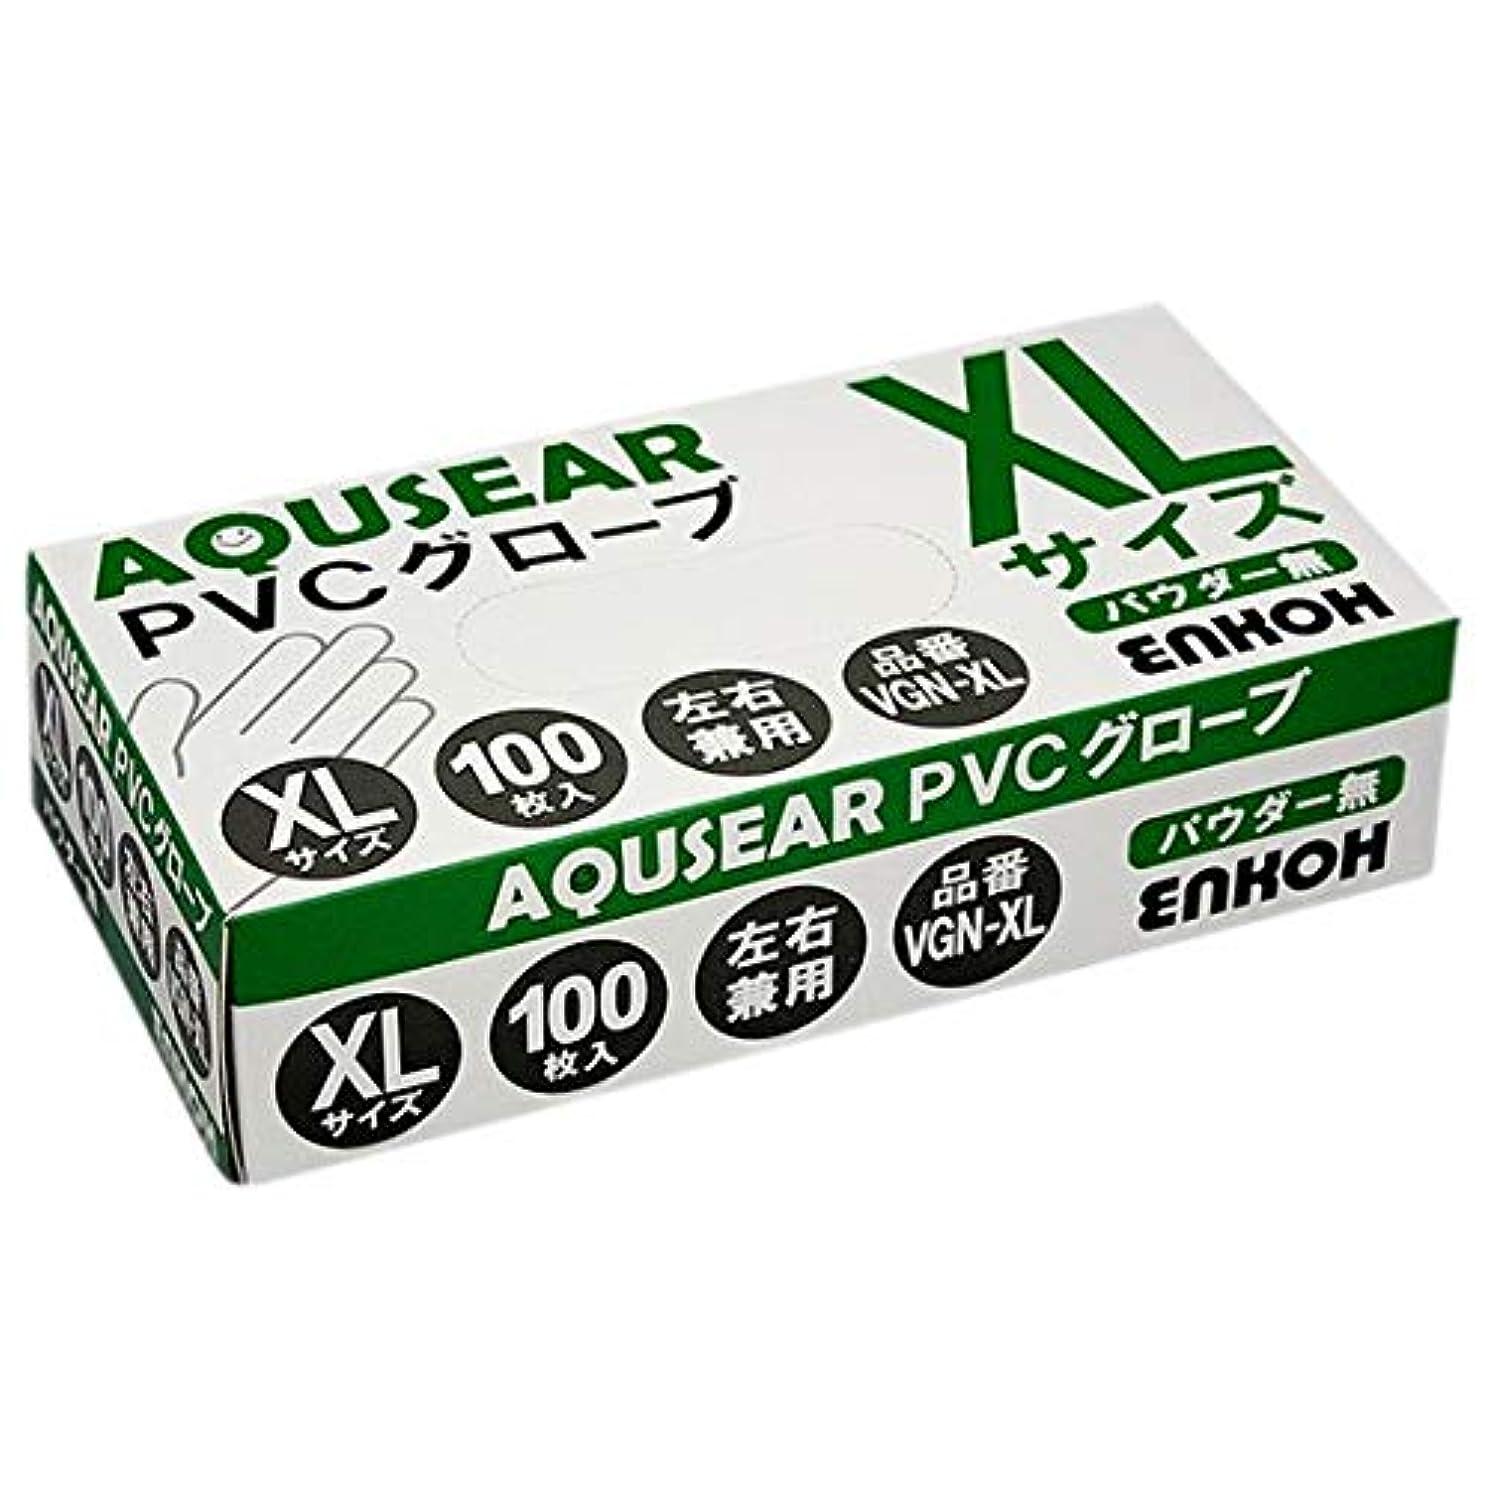 低下縫い目リスクAQUSEAR PVC プラスチックグローブ XLサイズ パウダー無 VGN-XL 100枚×20箱